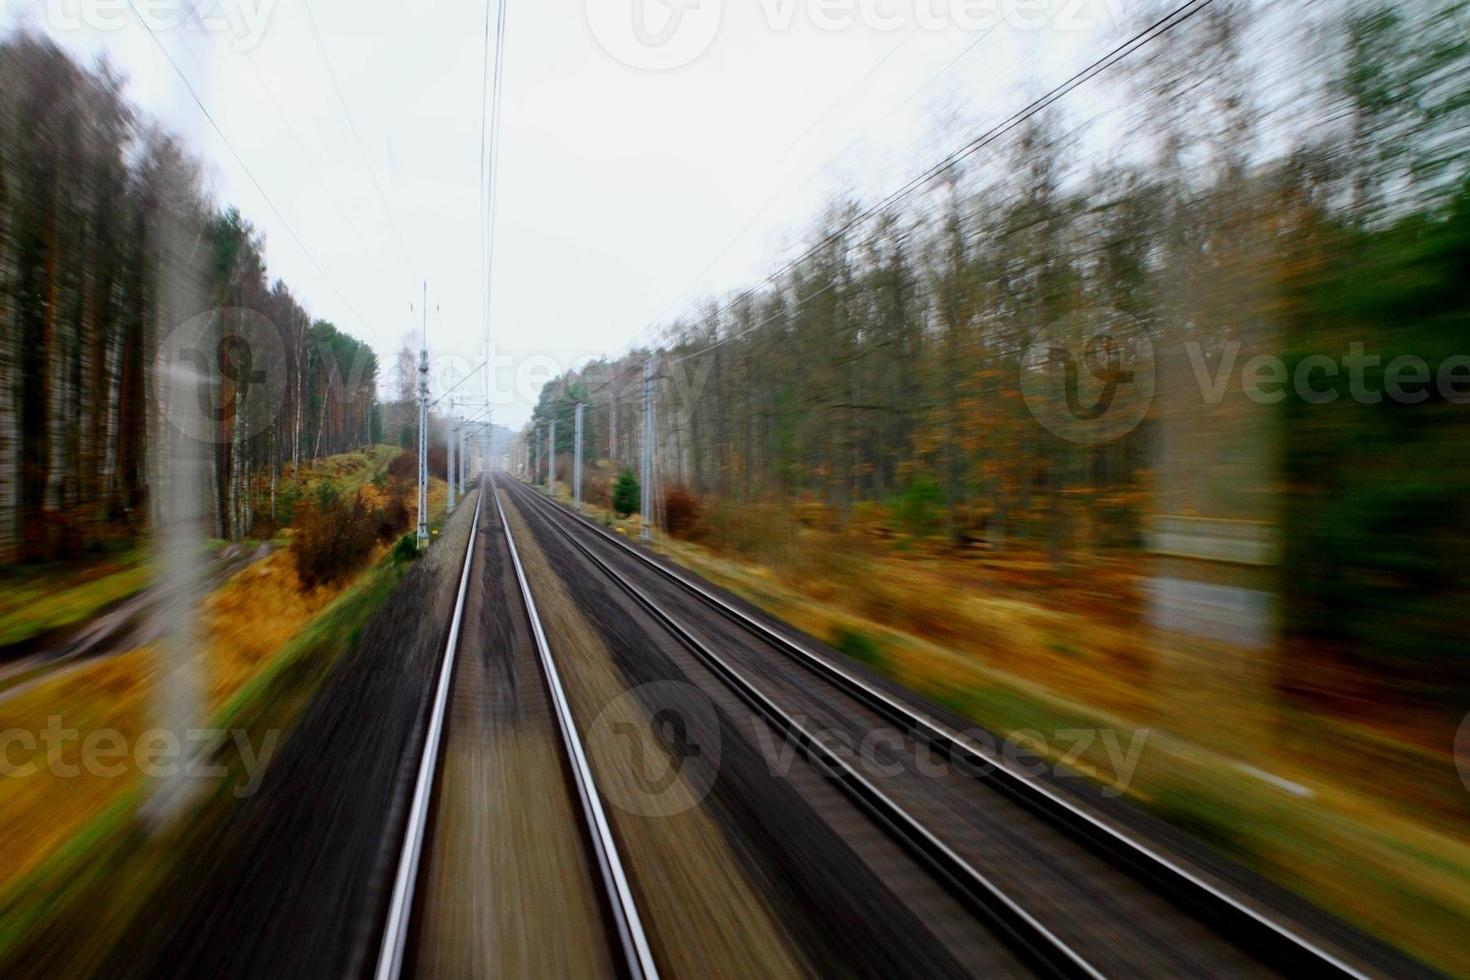 foresta in esecuzione del treno foto